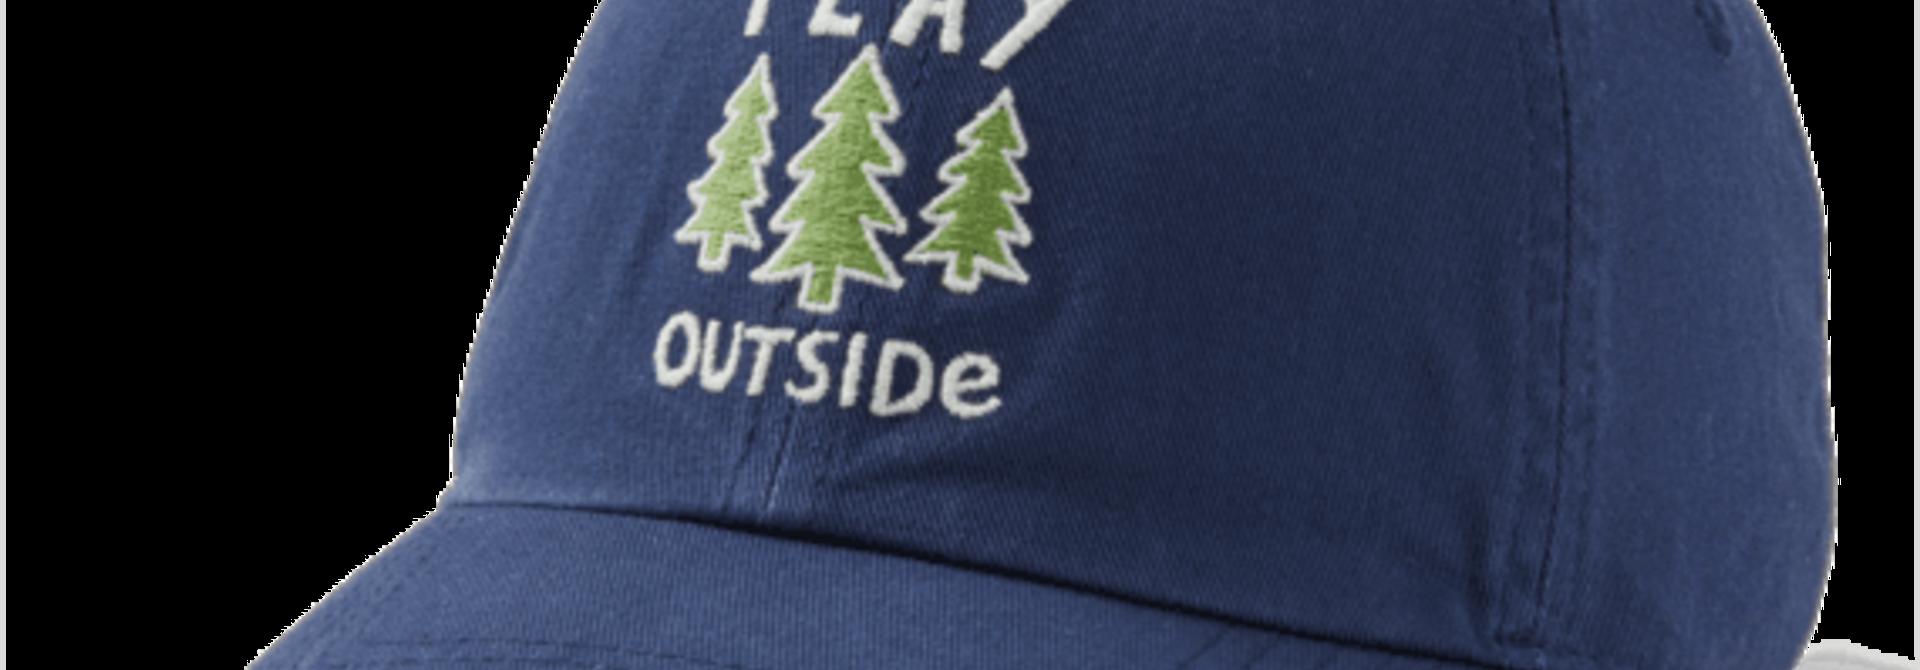 Play Outside Kids Chill Cap, Darkest Blue